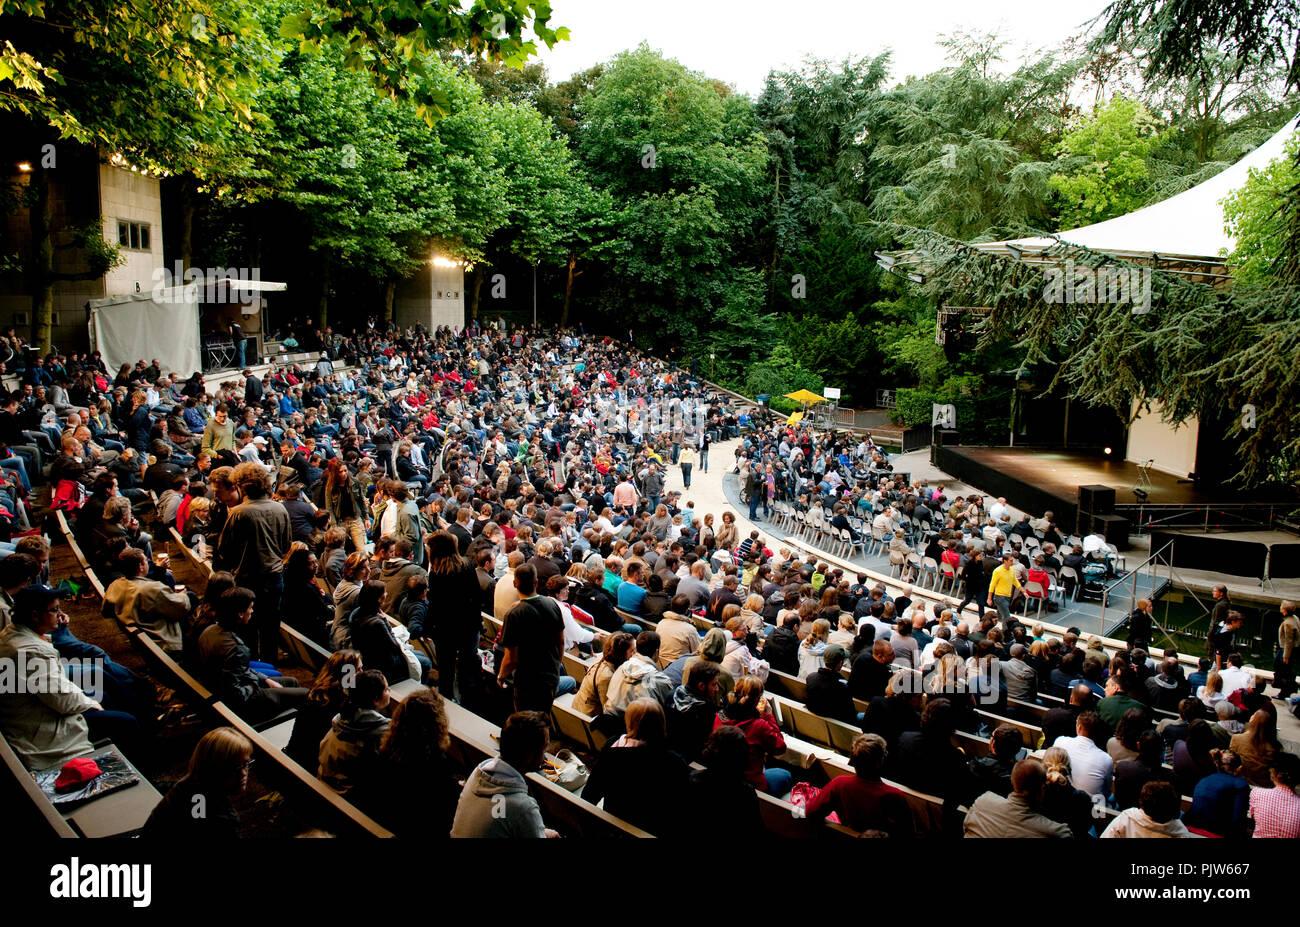 The open air theatre Rivierenhof in Deurne, Antwerp (Belgium, 08/07/2009) Stock Photo